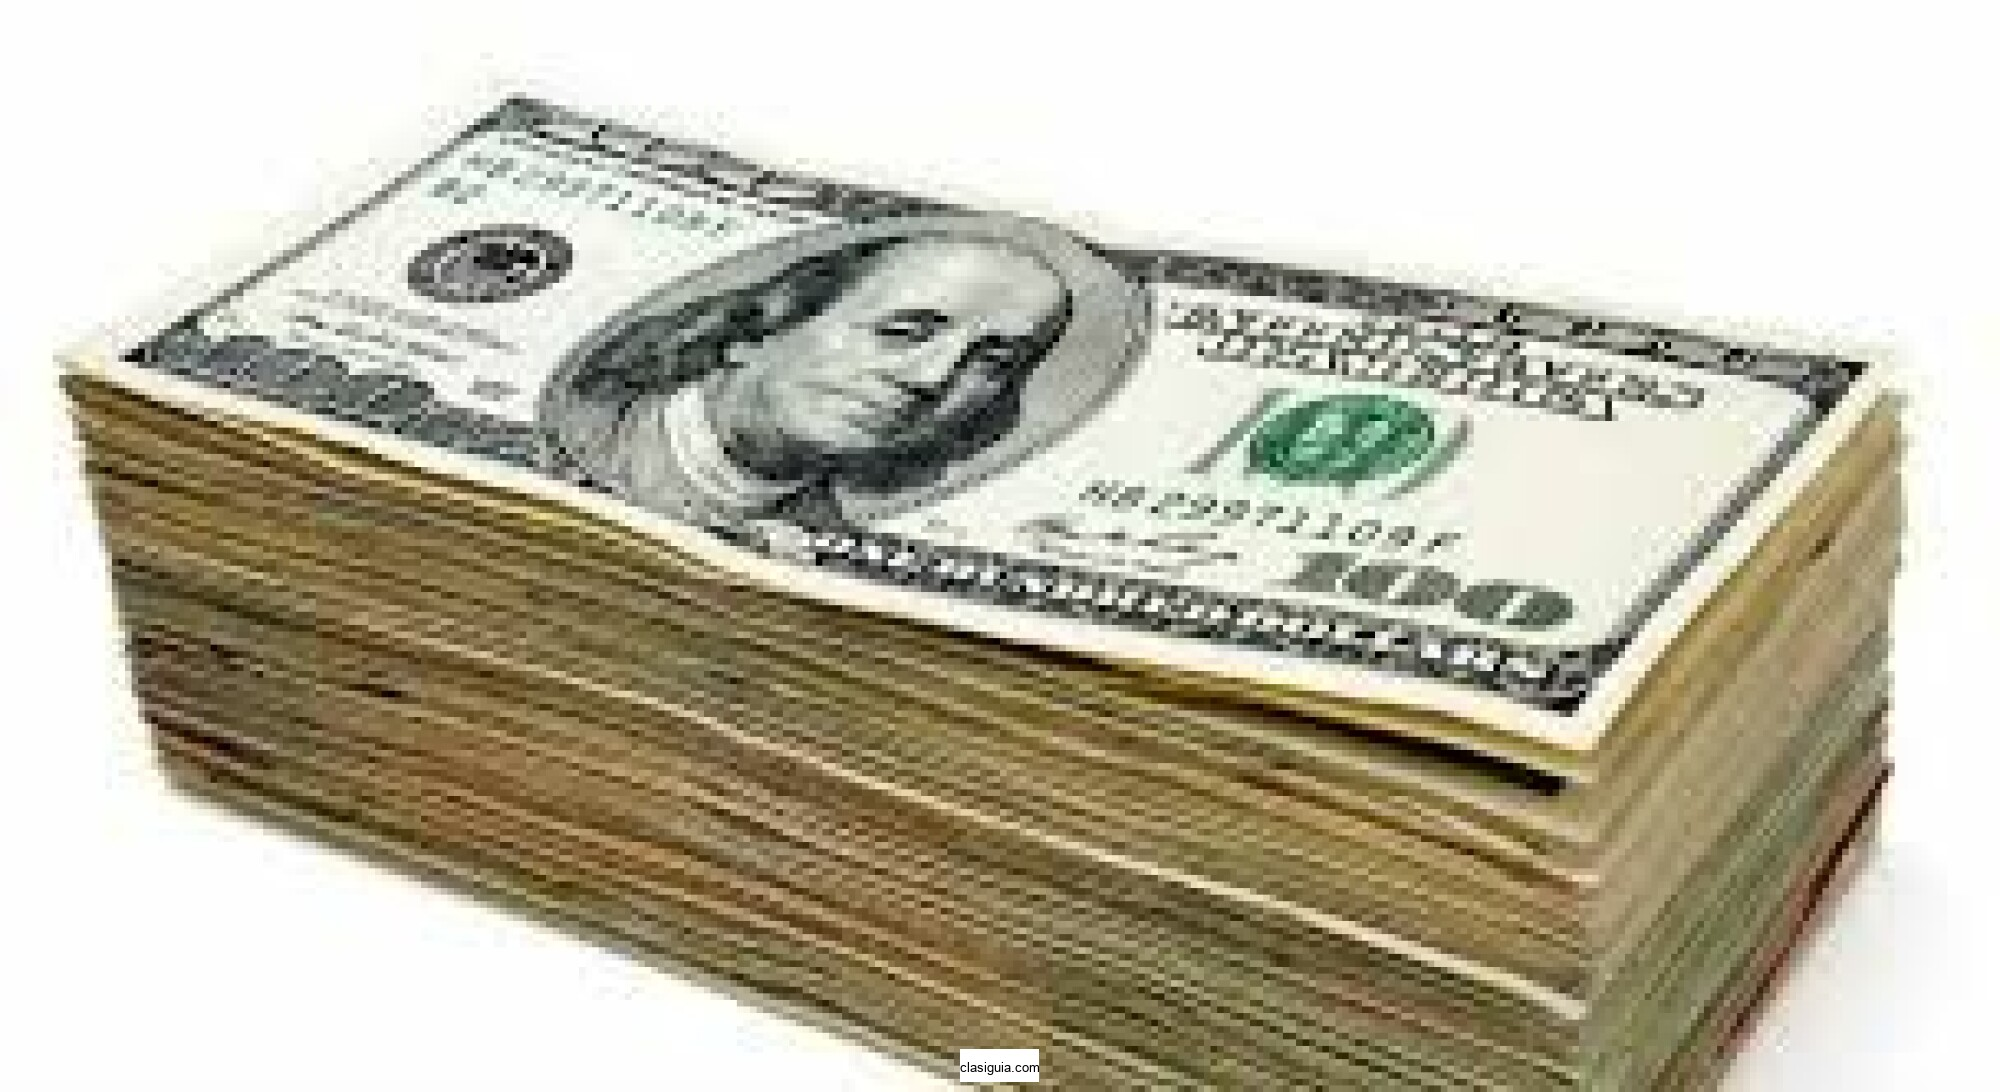 Oferta de préstamo de dinero serio. Cuánto quieres ?